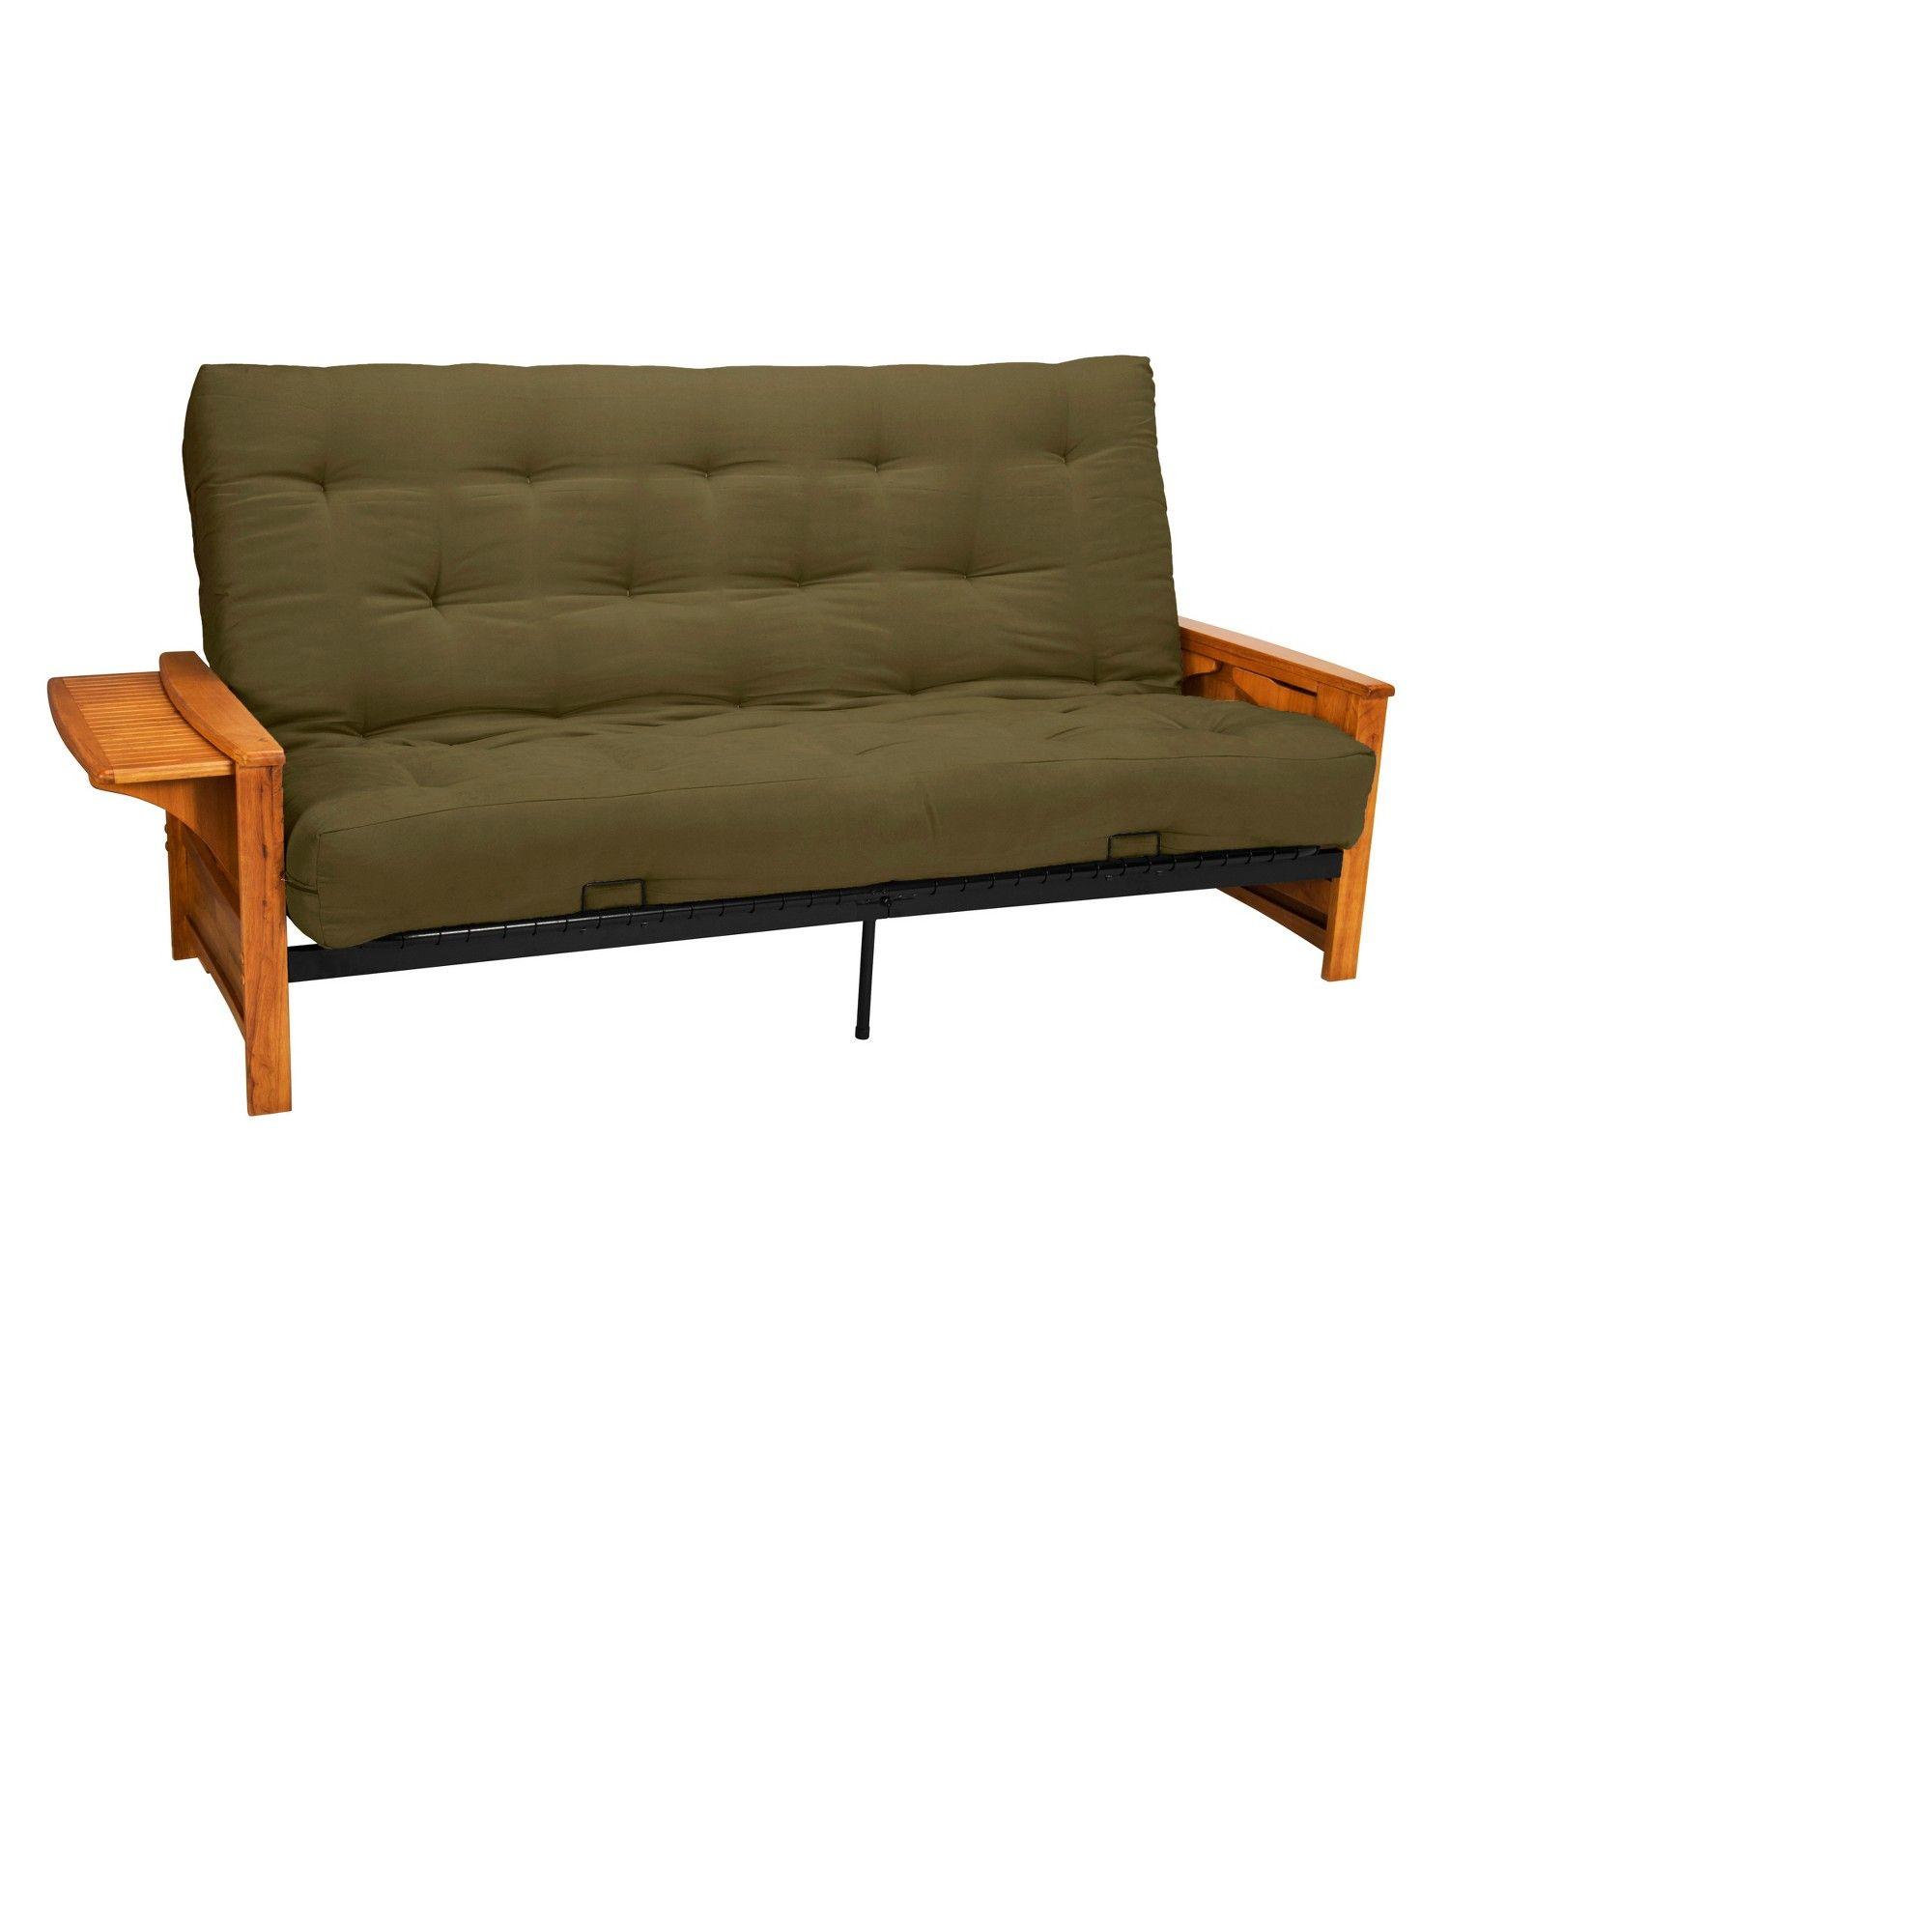 Brooklyn 8 Cotton/Foam Futon Sofa Sleeper - Walnut Wood Finish ...